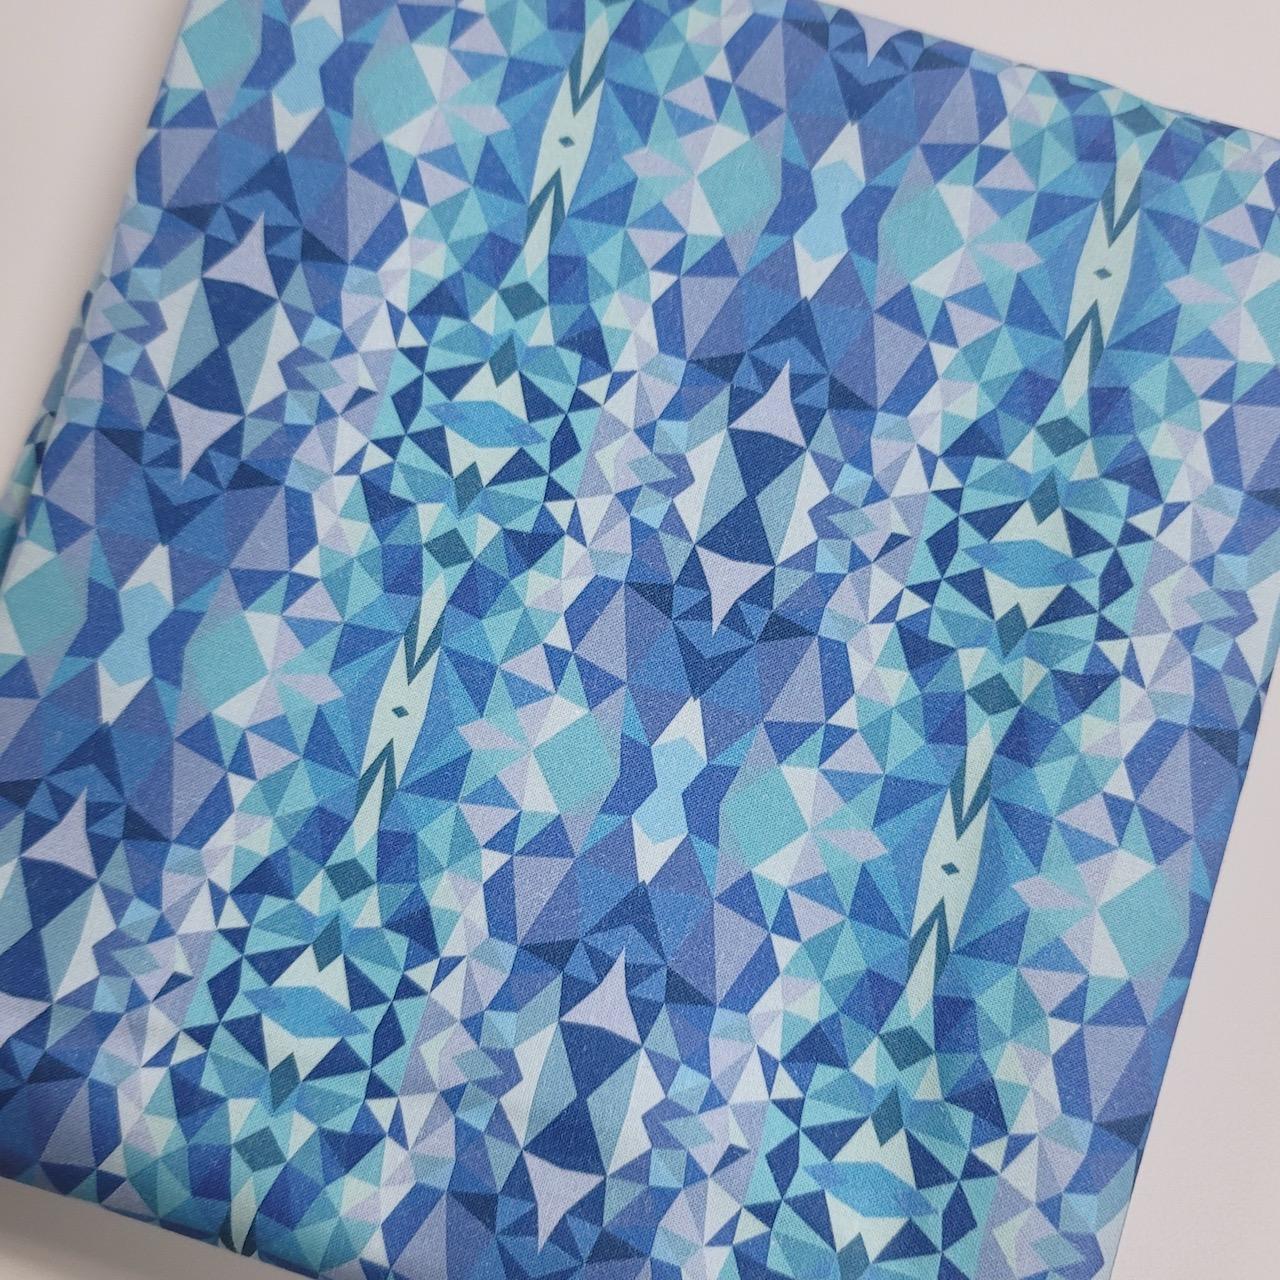 backing fabric